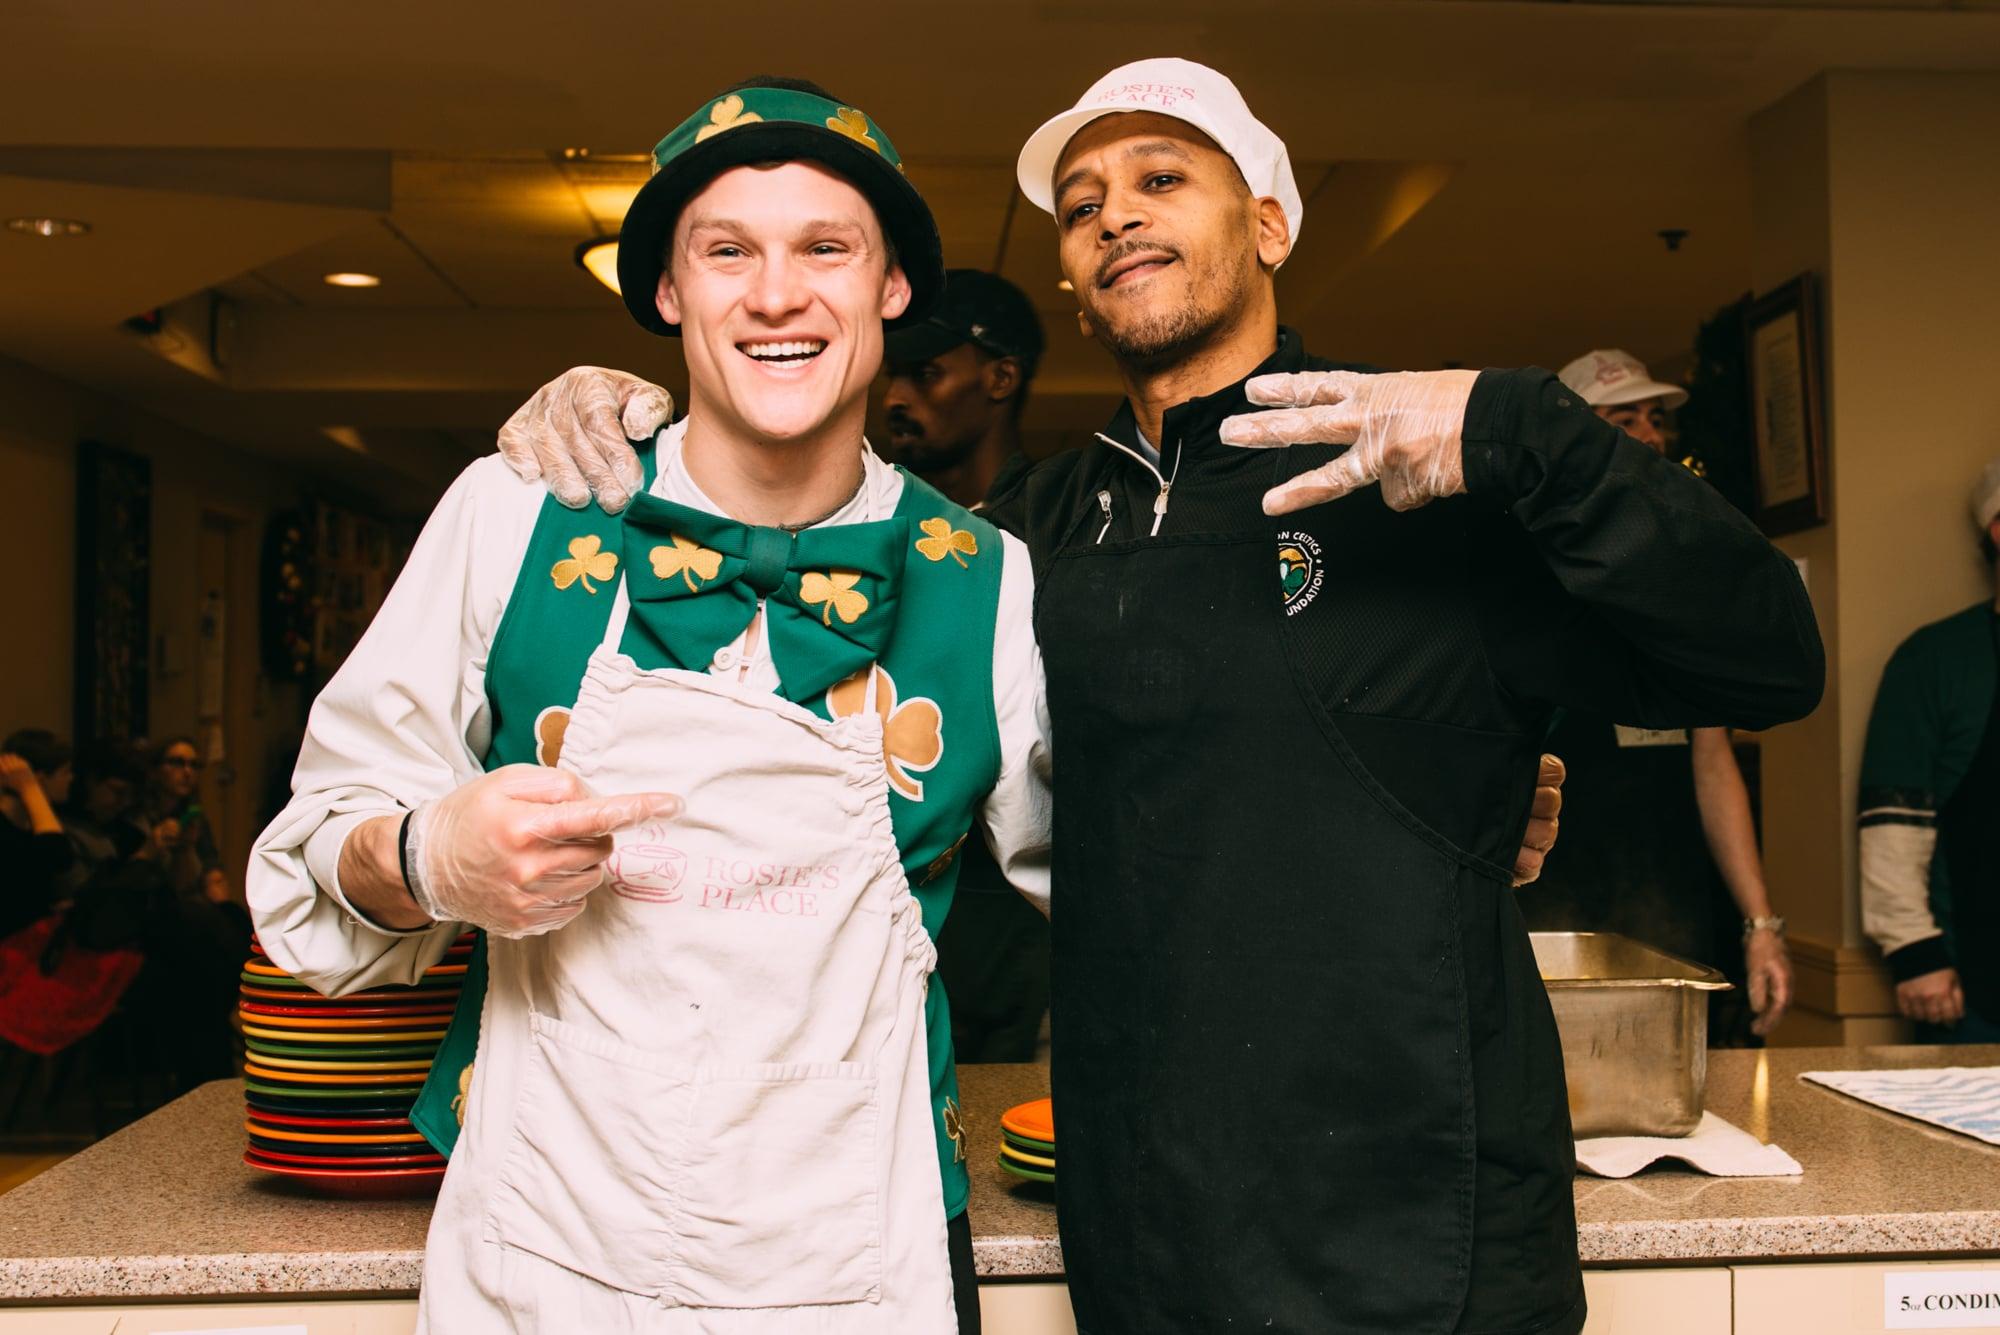 Celtics_Rosies_010516-60.jpg